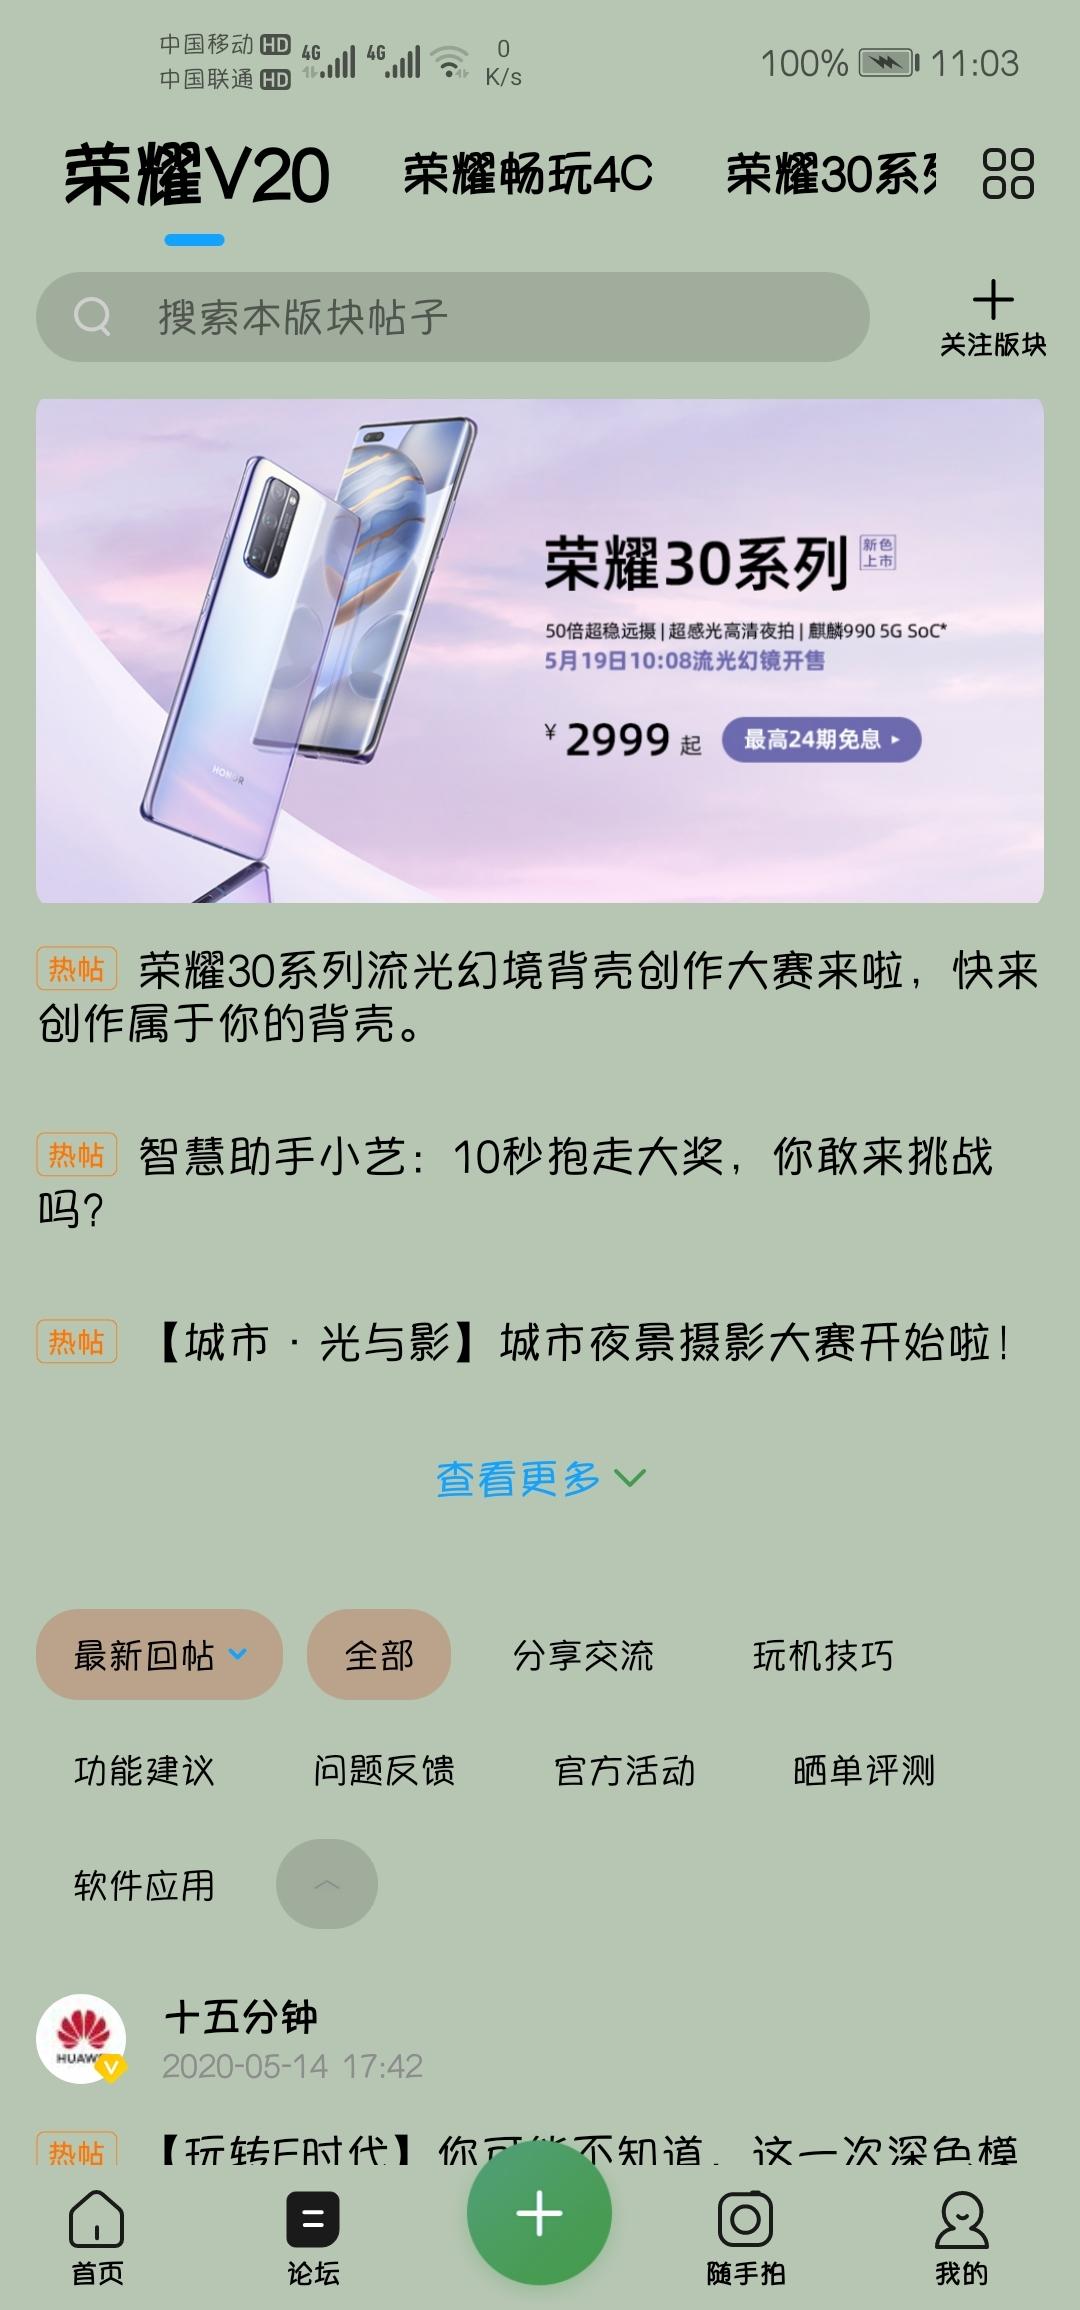 Screenshot_20200526_110342_com.huawei.fans.jpg